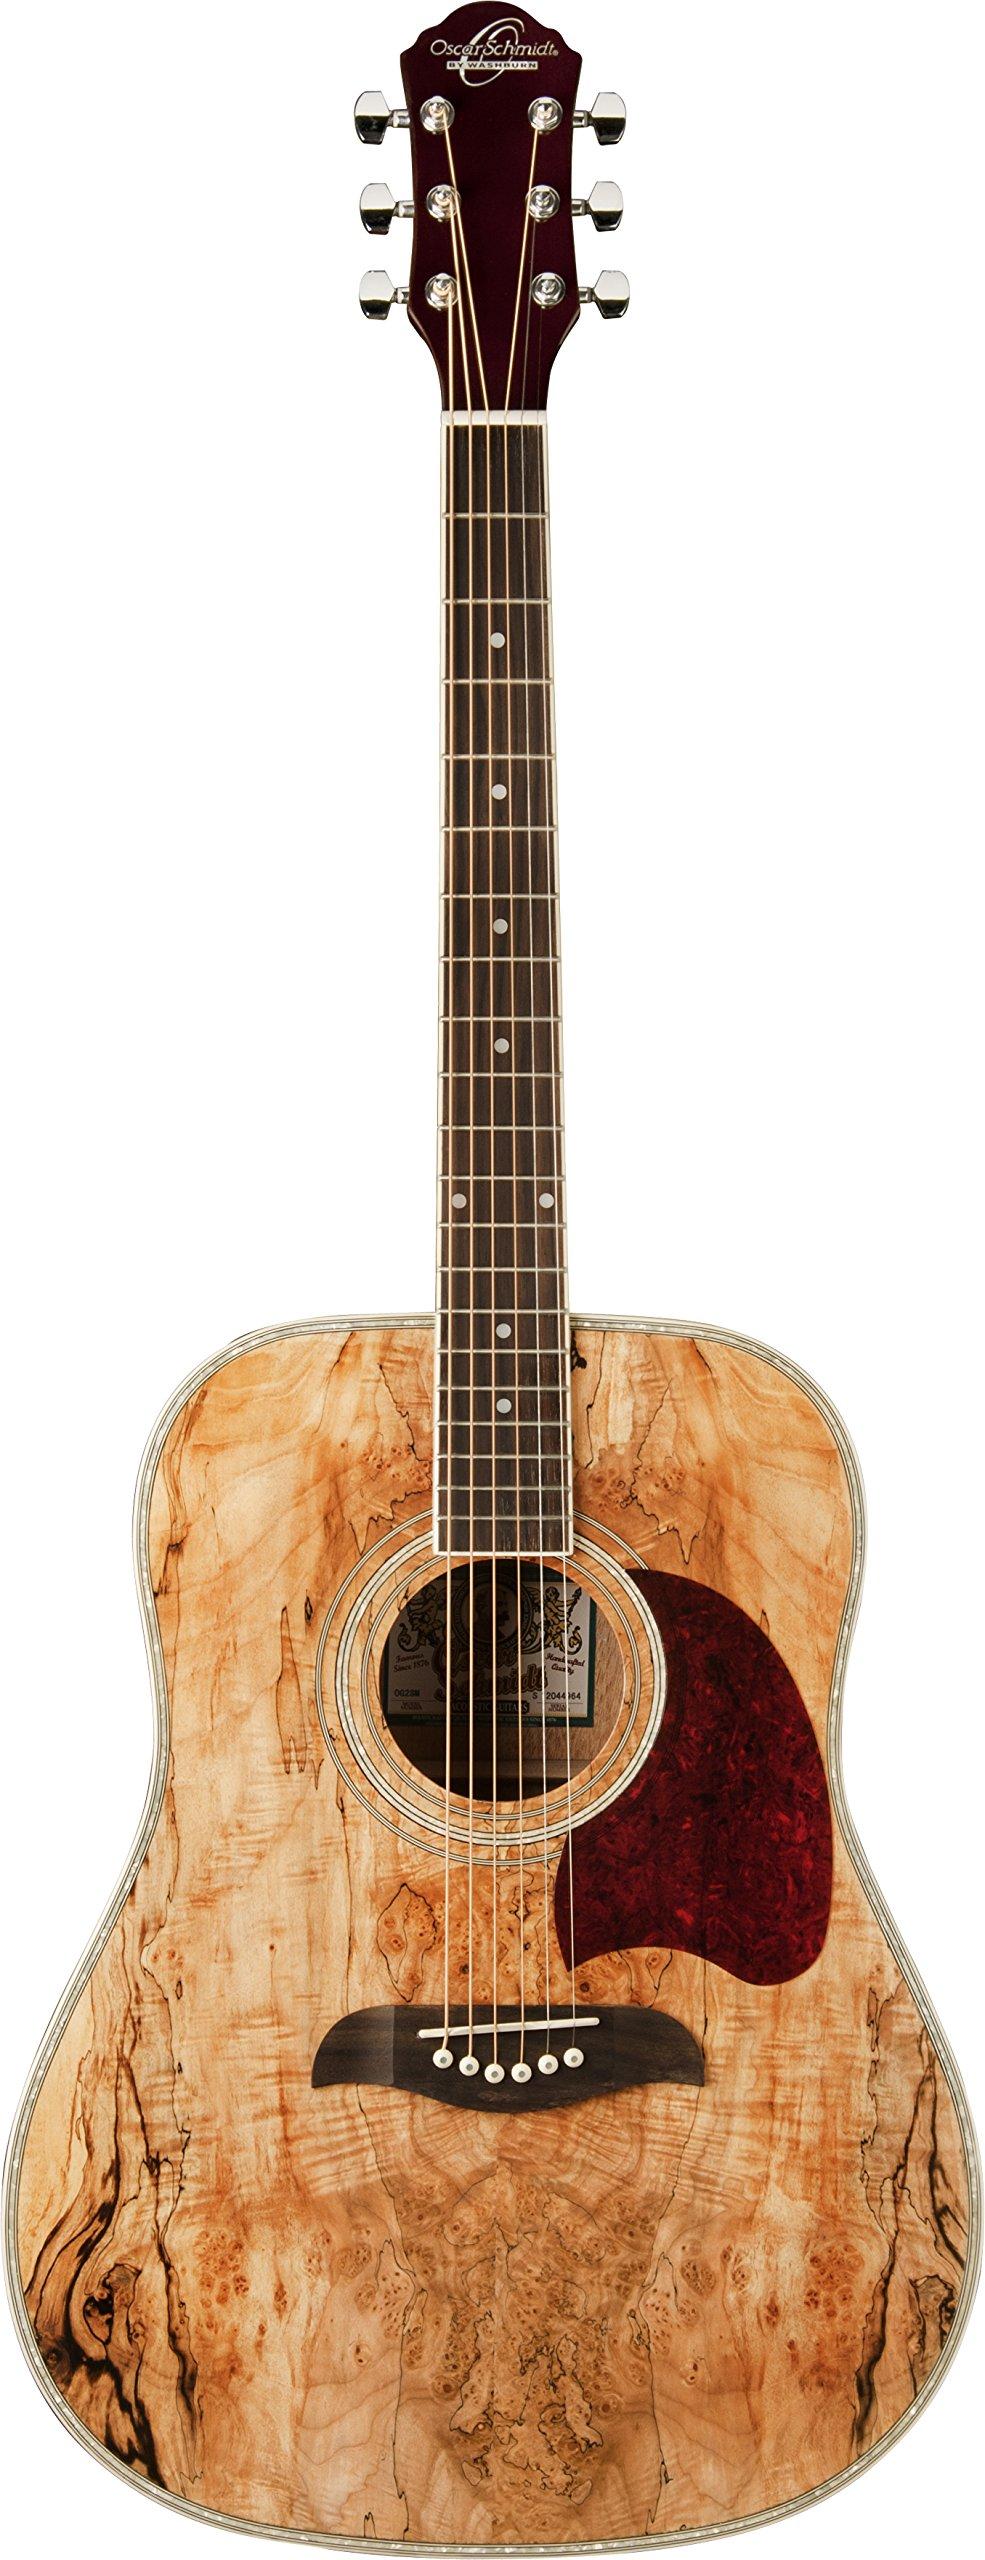 Oscar Schmidt OG2SM-R-U Acoustic Guitar - Spalted Maple by Oscar Schmidt